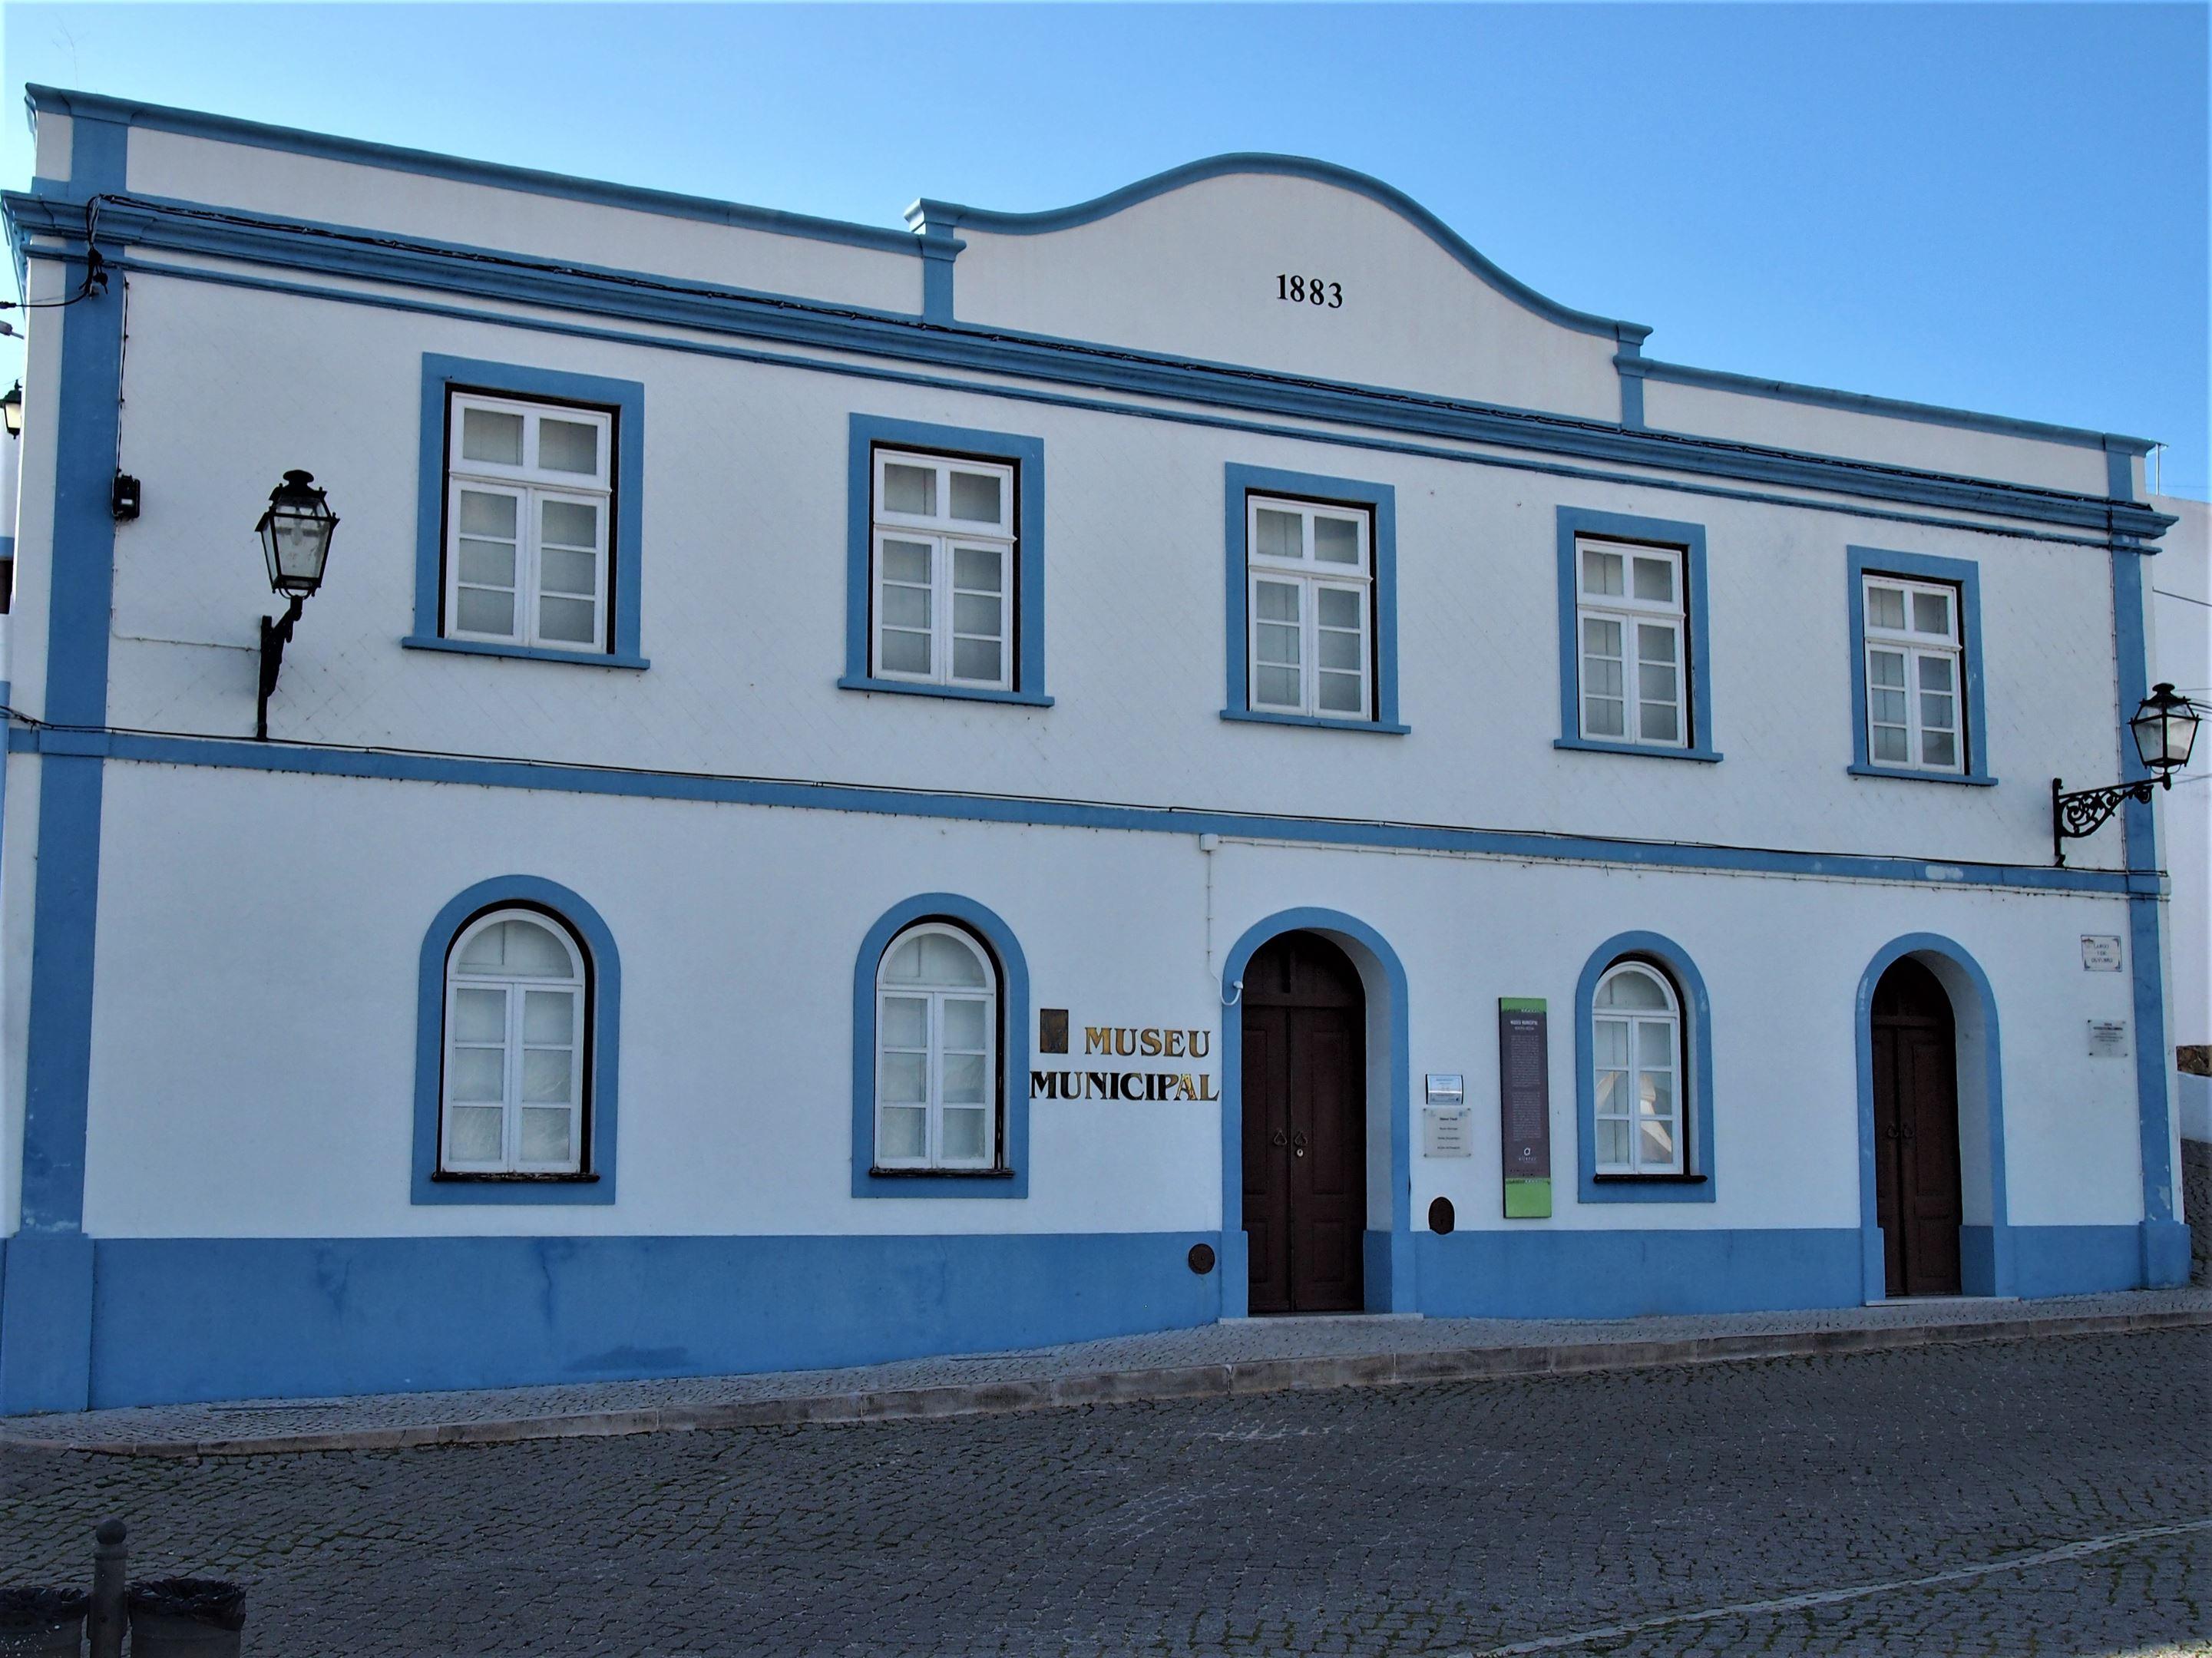 The Museu Municipal, Aljezur